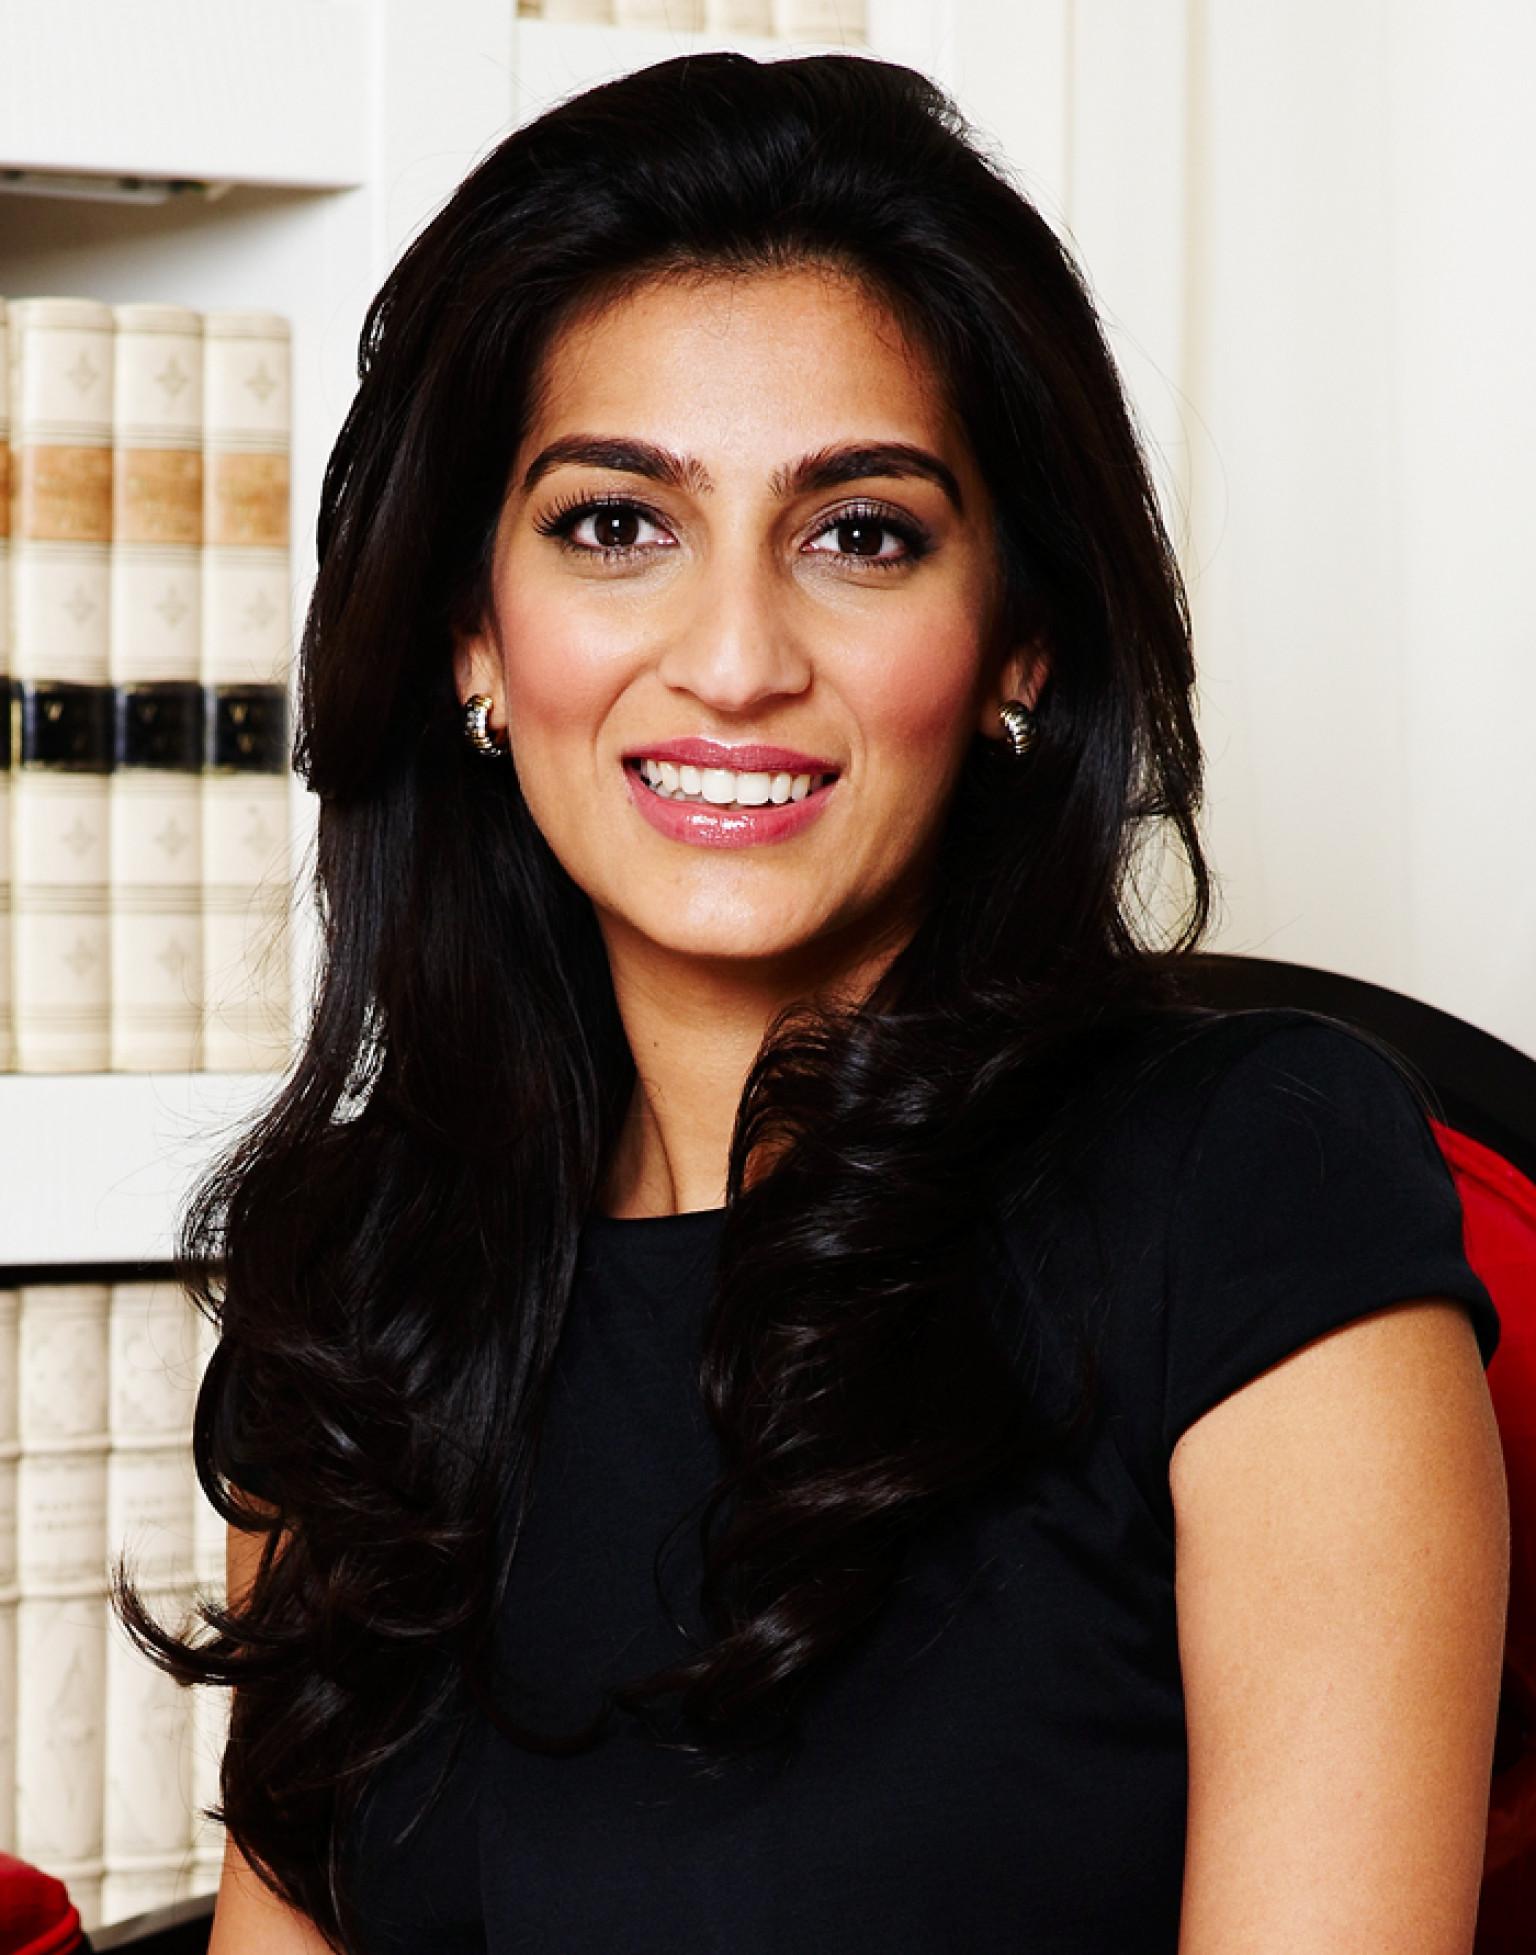 Megha Mittal Ihuffpostcen1268830imagesomeghamittalf